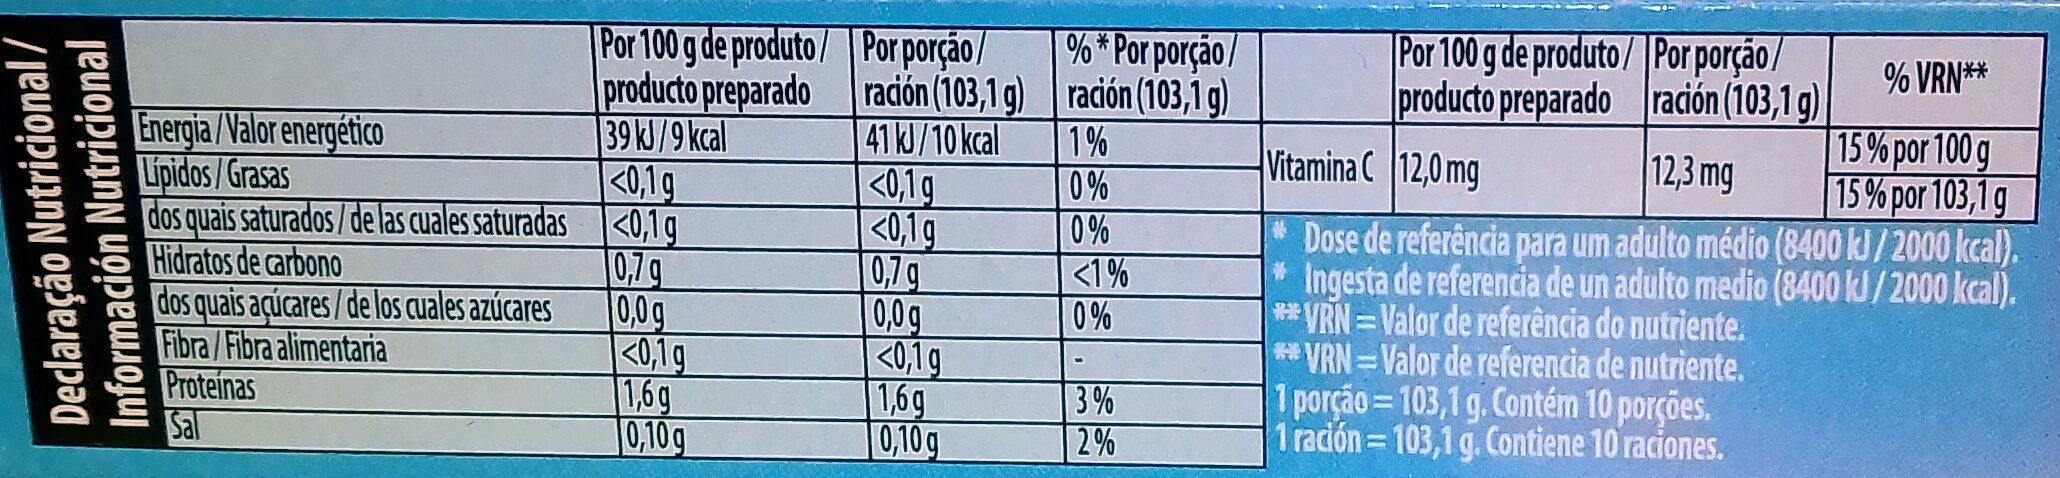 Gelatina sabor Arándano - Nutrition facts - es